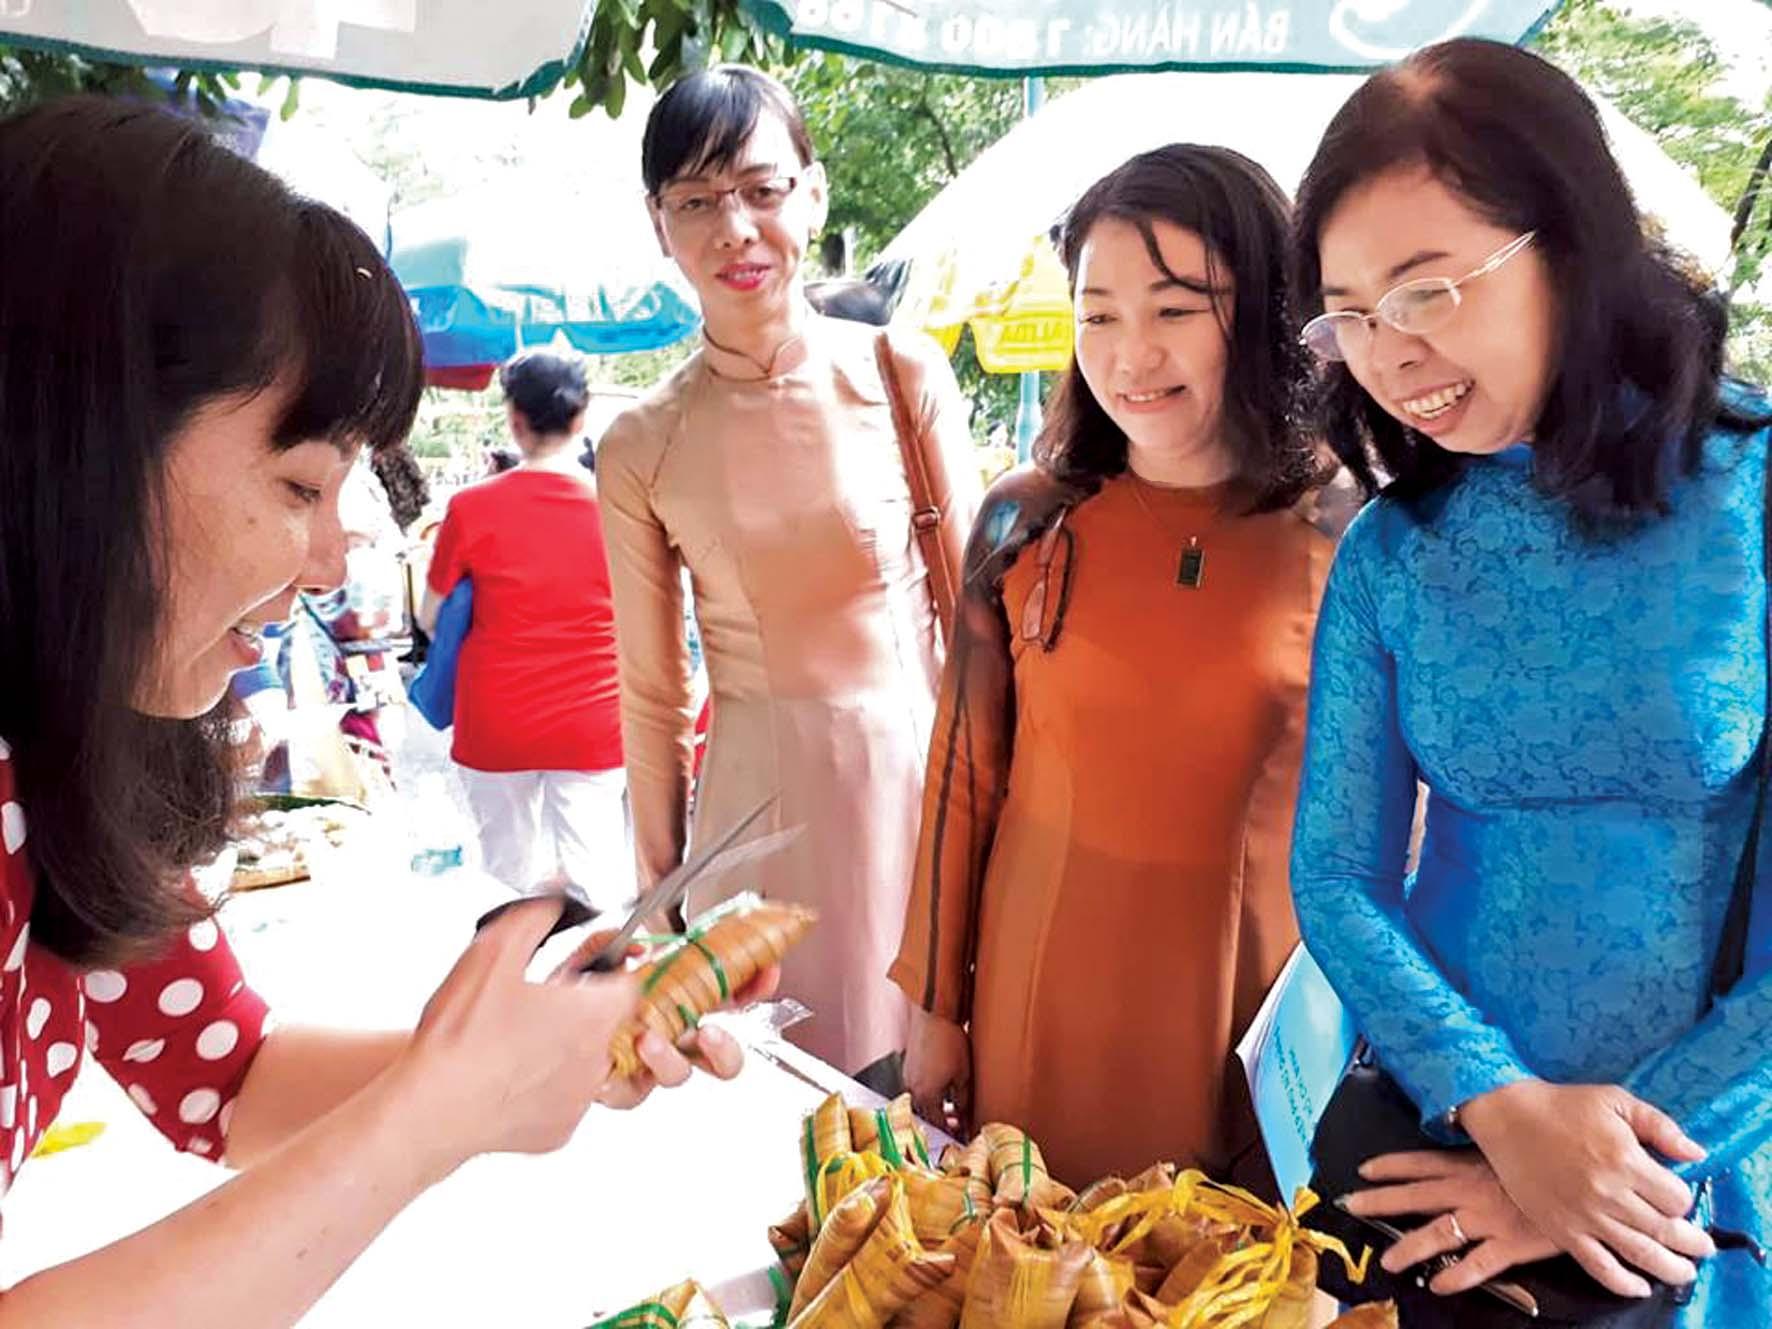 Bà Đỗ Thị Chánh - Phó chủ tịch Hội LHPN TP.HCM - tham quan các gian hàng bánh lá dừa của hội viên phụ nữ Q.6 tại hội chợ triển lãm mừng ngày thành lập Hội LHPN Việt Nam